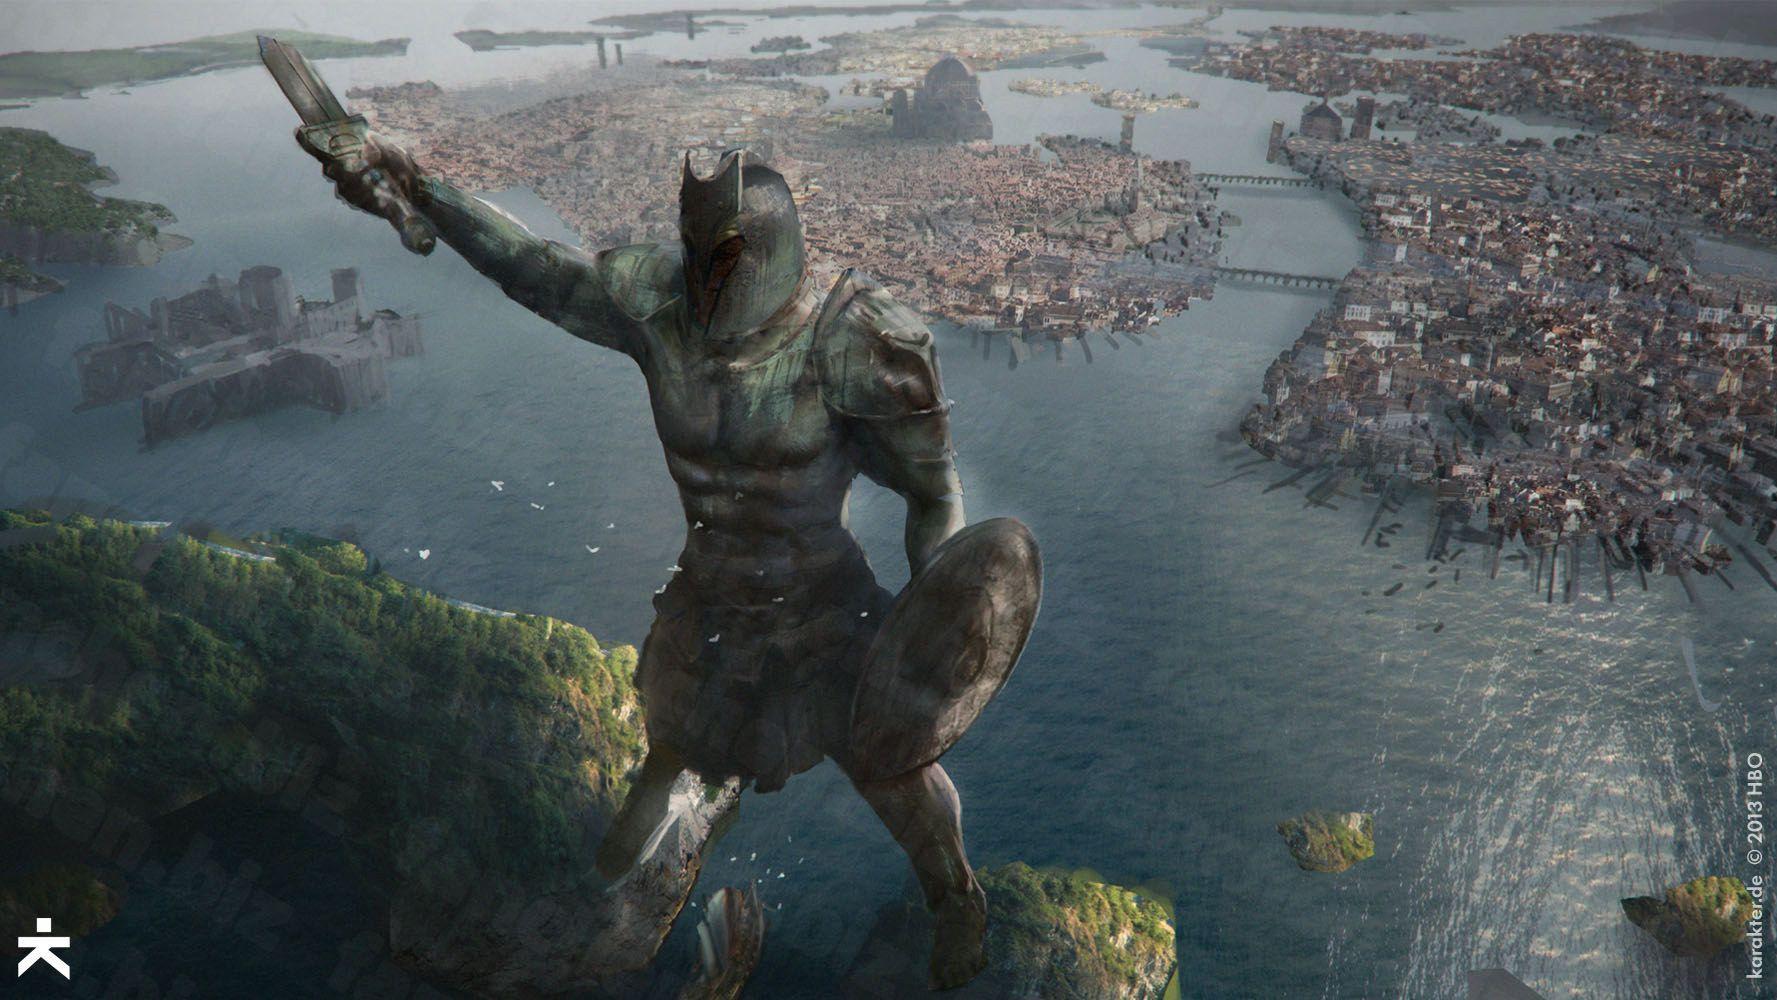 设定画集 权力的游戏影视概念CG 影视设定画集  565.2M-FANCHENBIZ